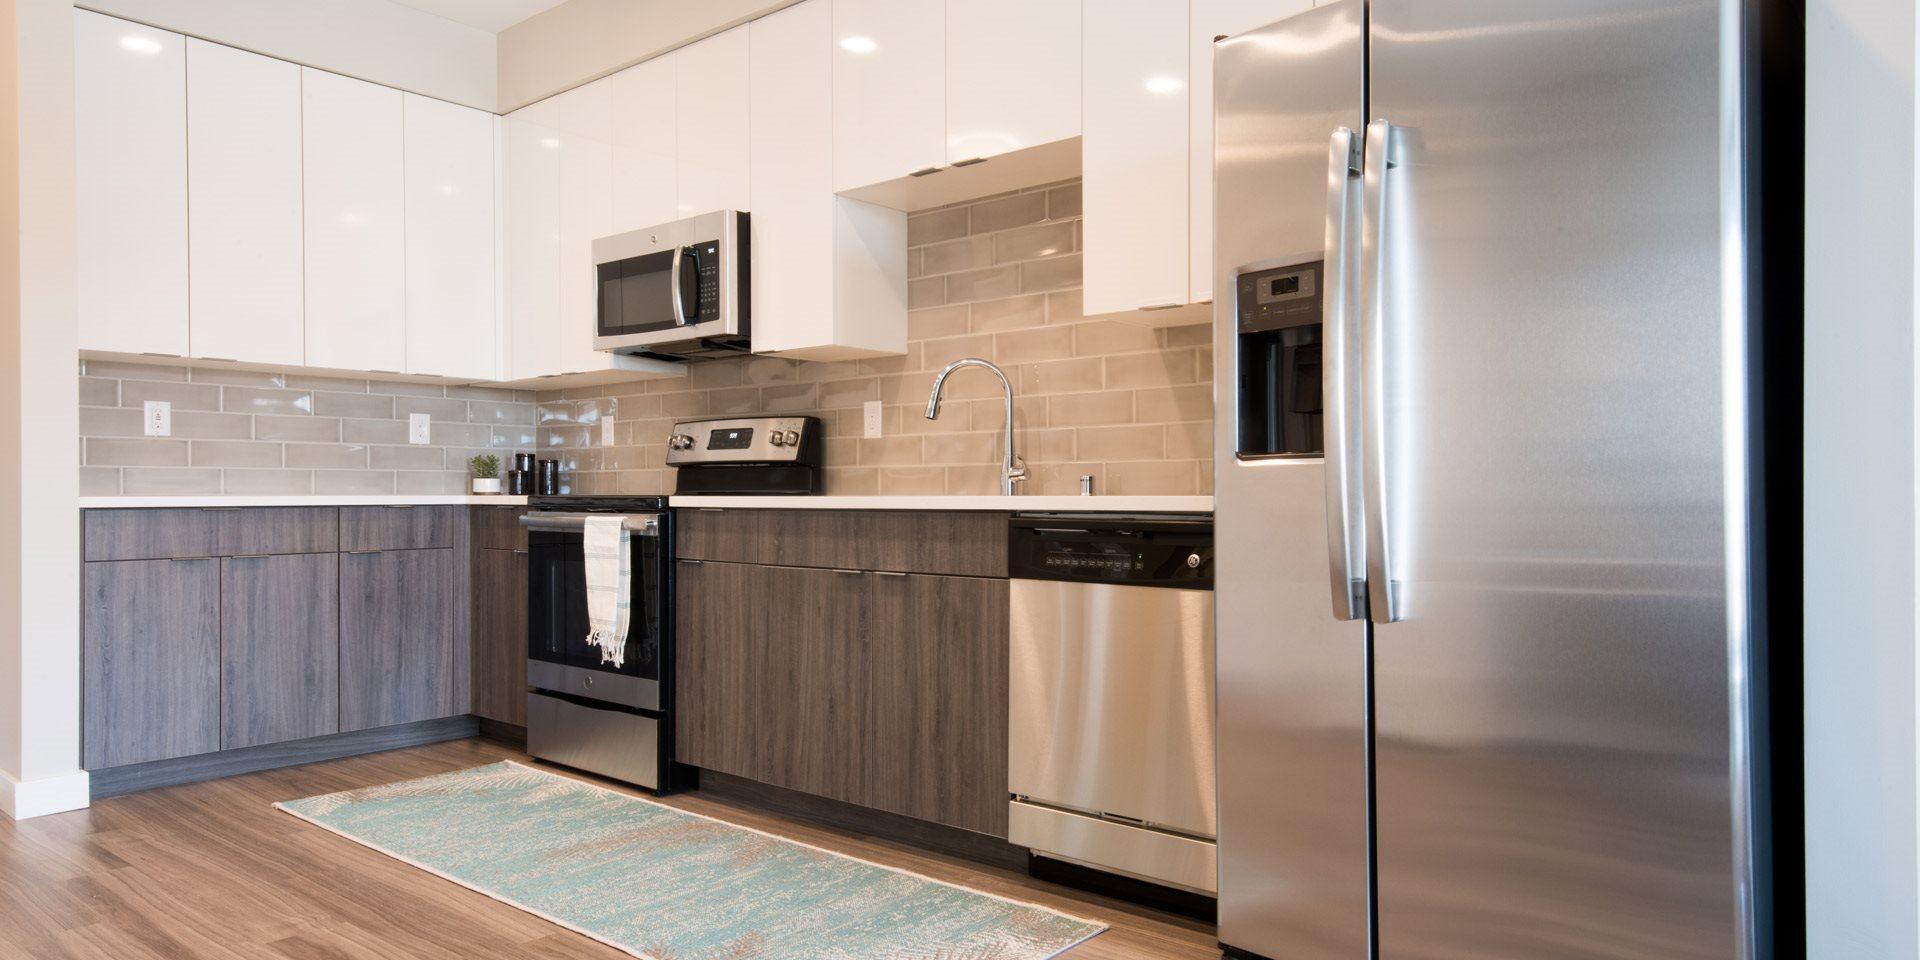 Talo Apartments Kitchen